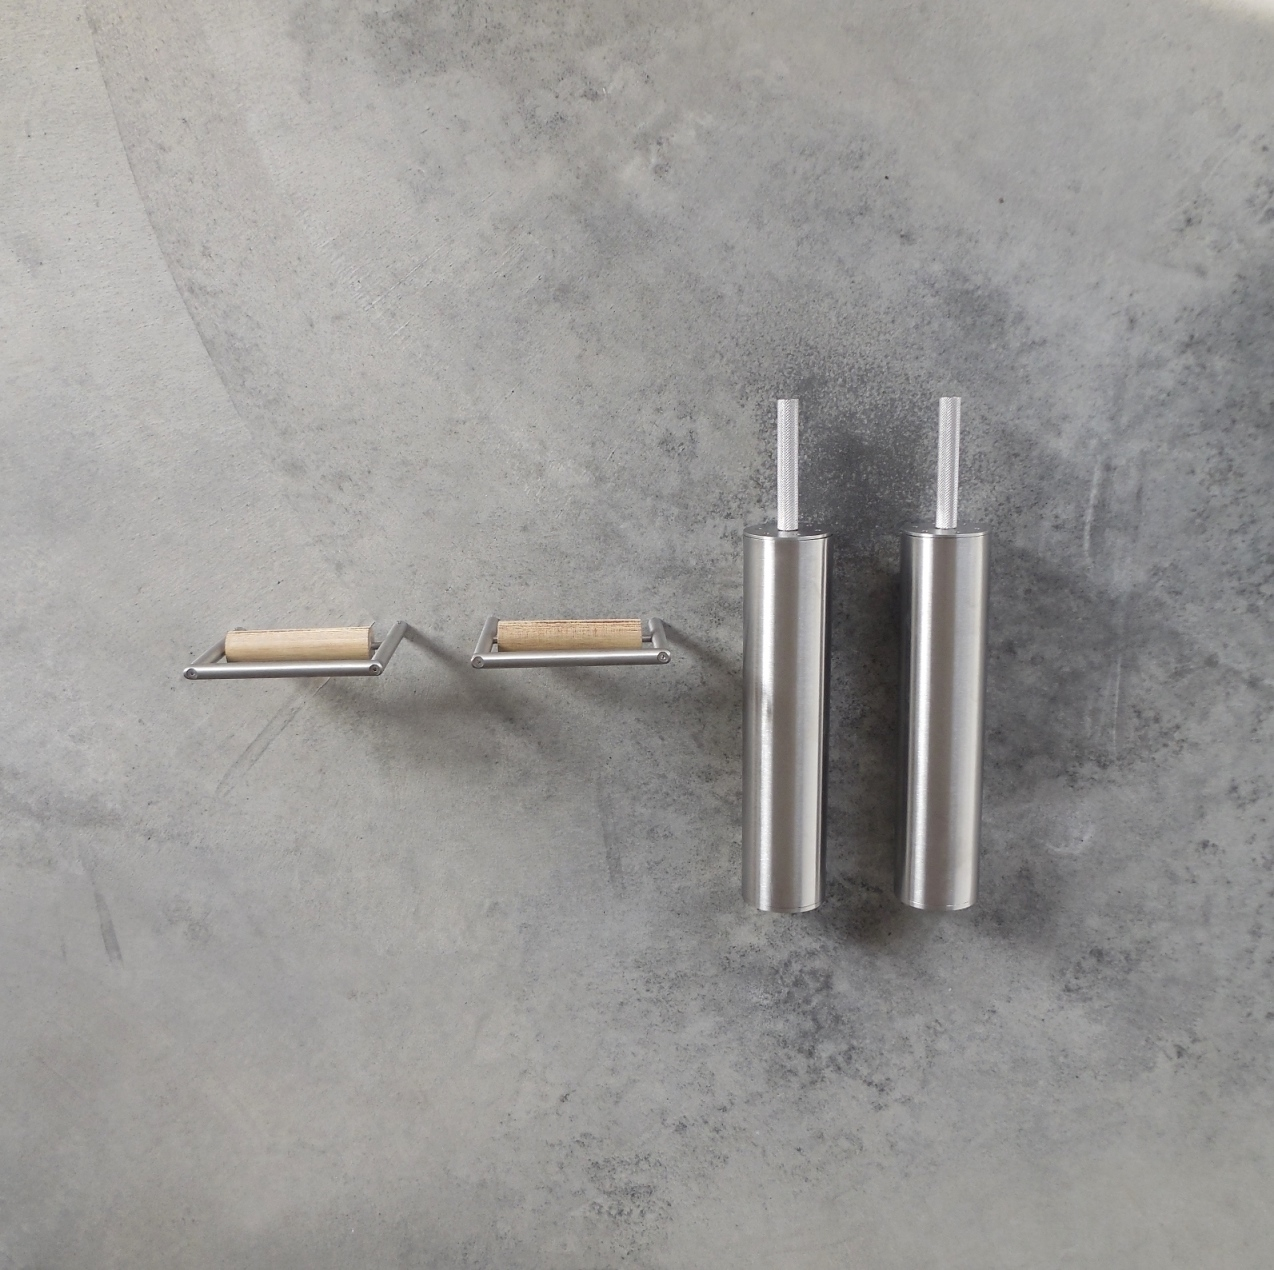 boffi accessori bagno inox design boffi, minimal, porta rotolo e ... - Boffi Arredo Bagno